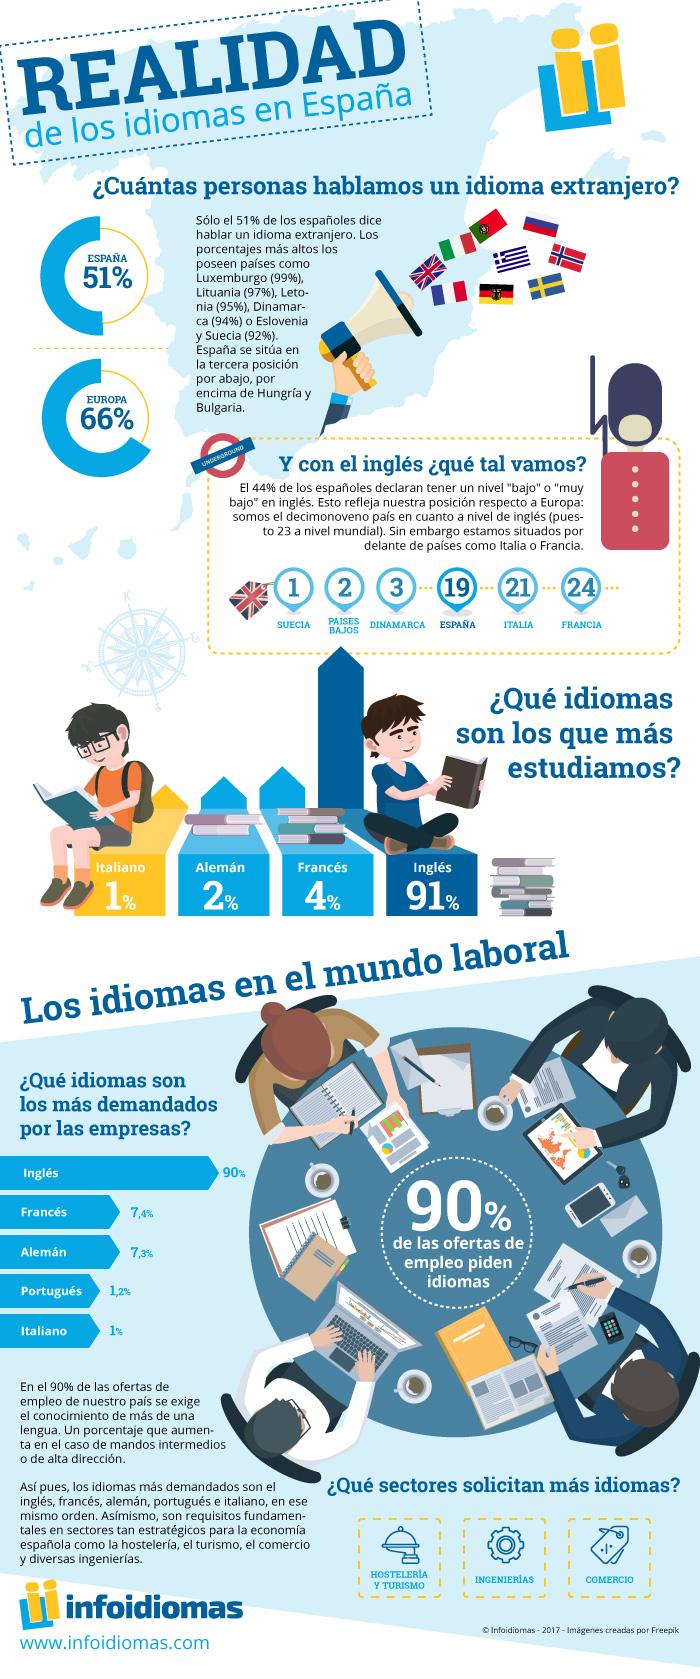 Realidad de los idiomas en España